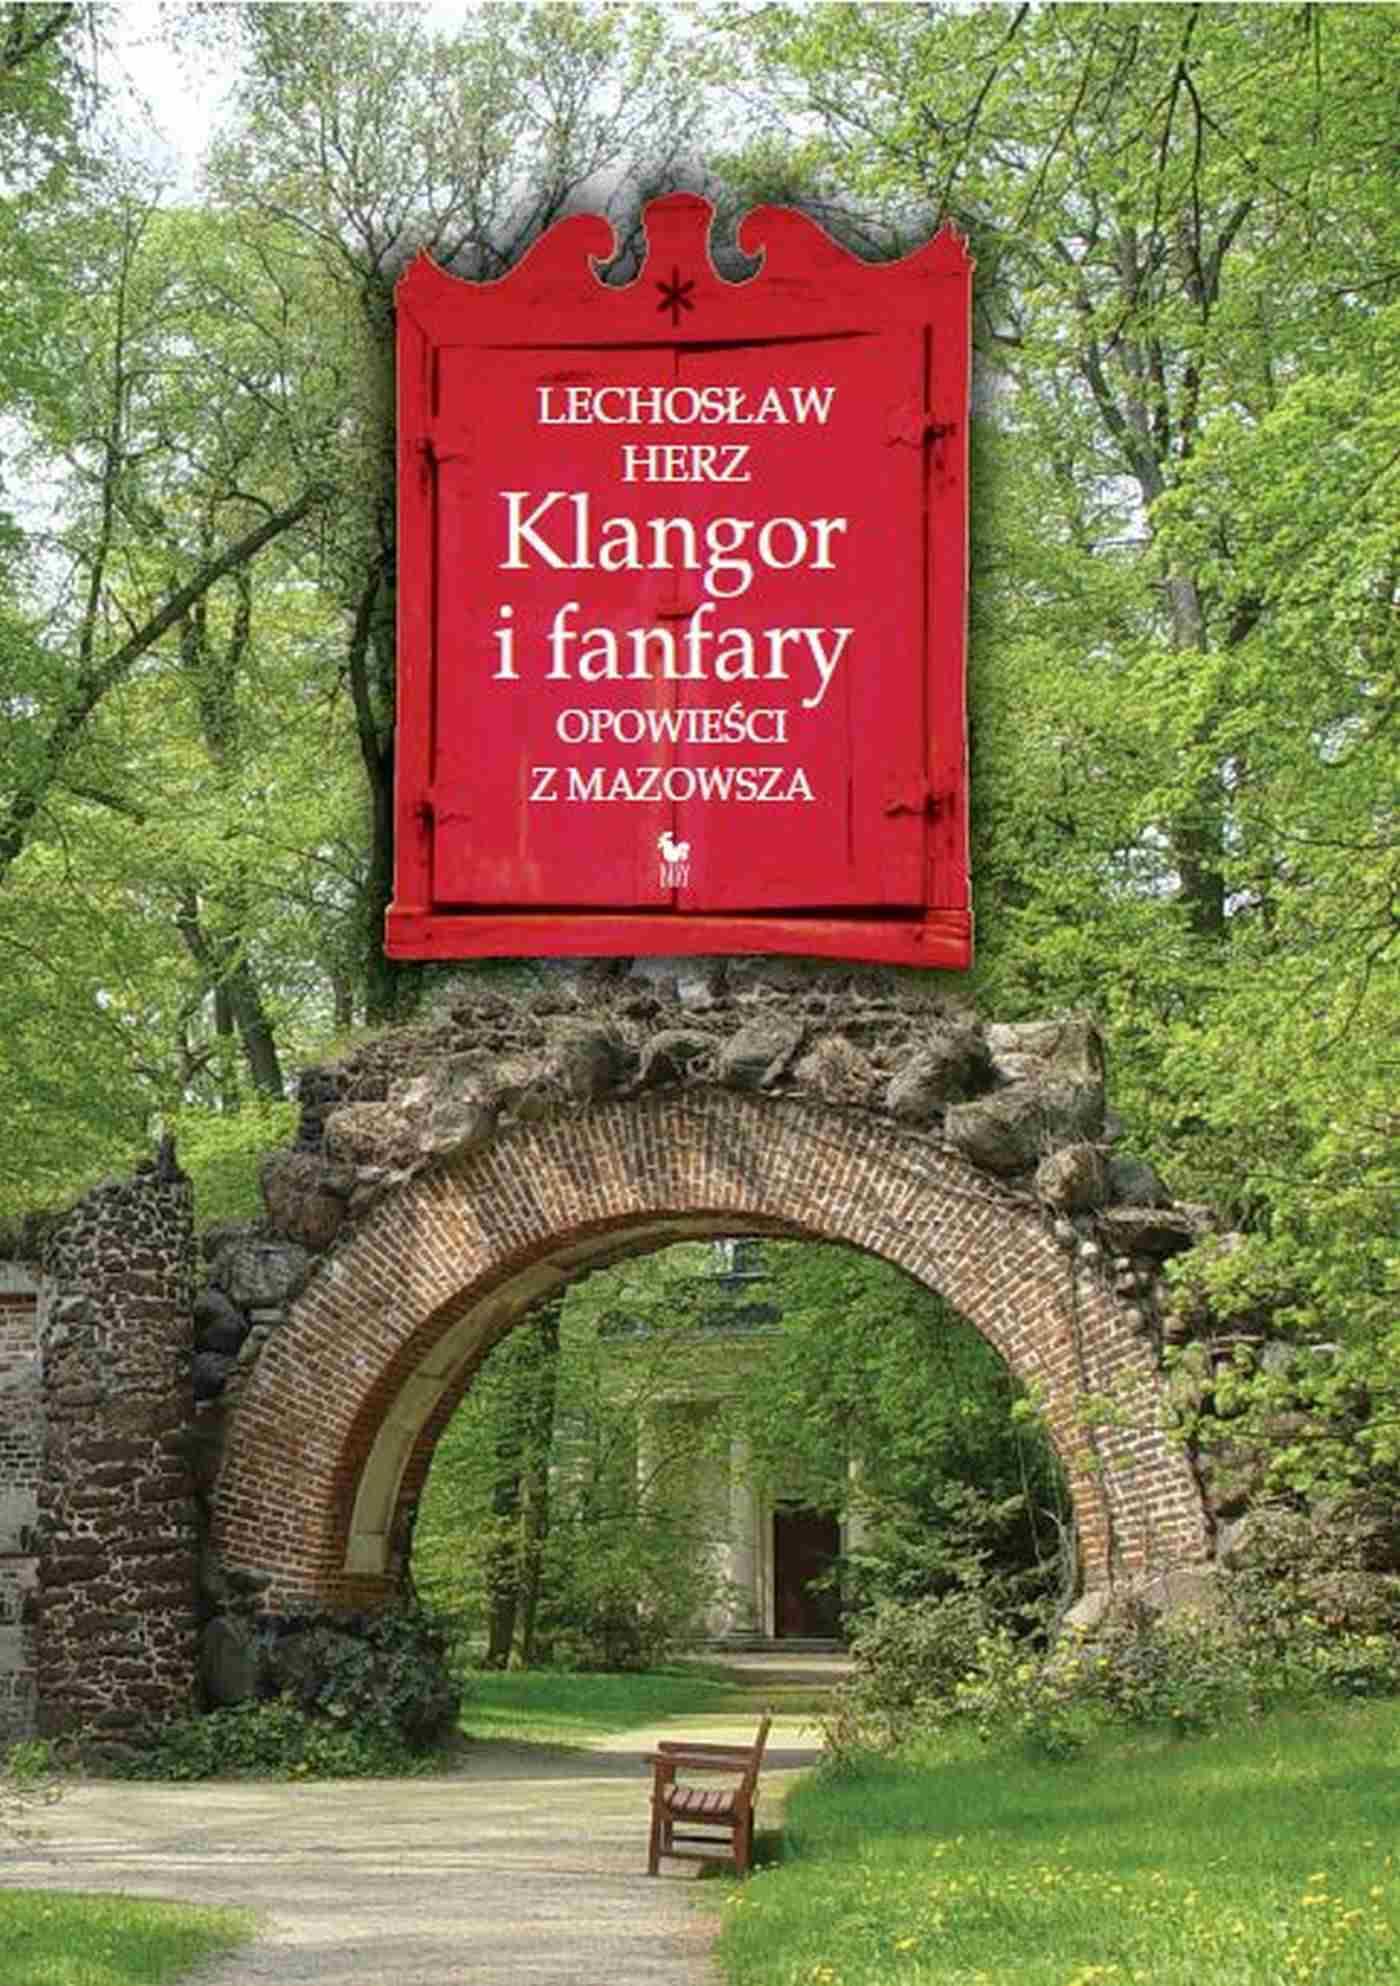 Klangor i fanfary - Ebook (Książka EPUB) do pobrania w formacie EPUB